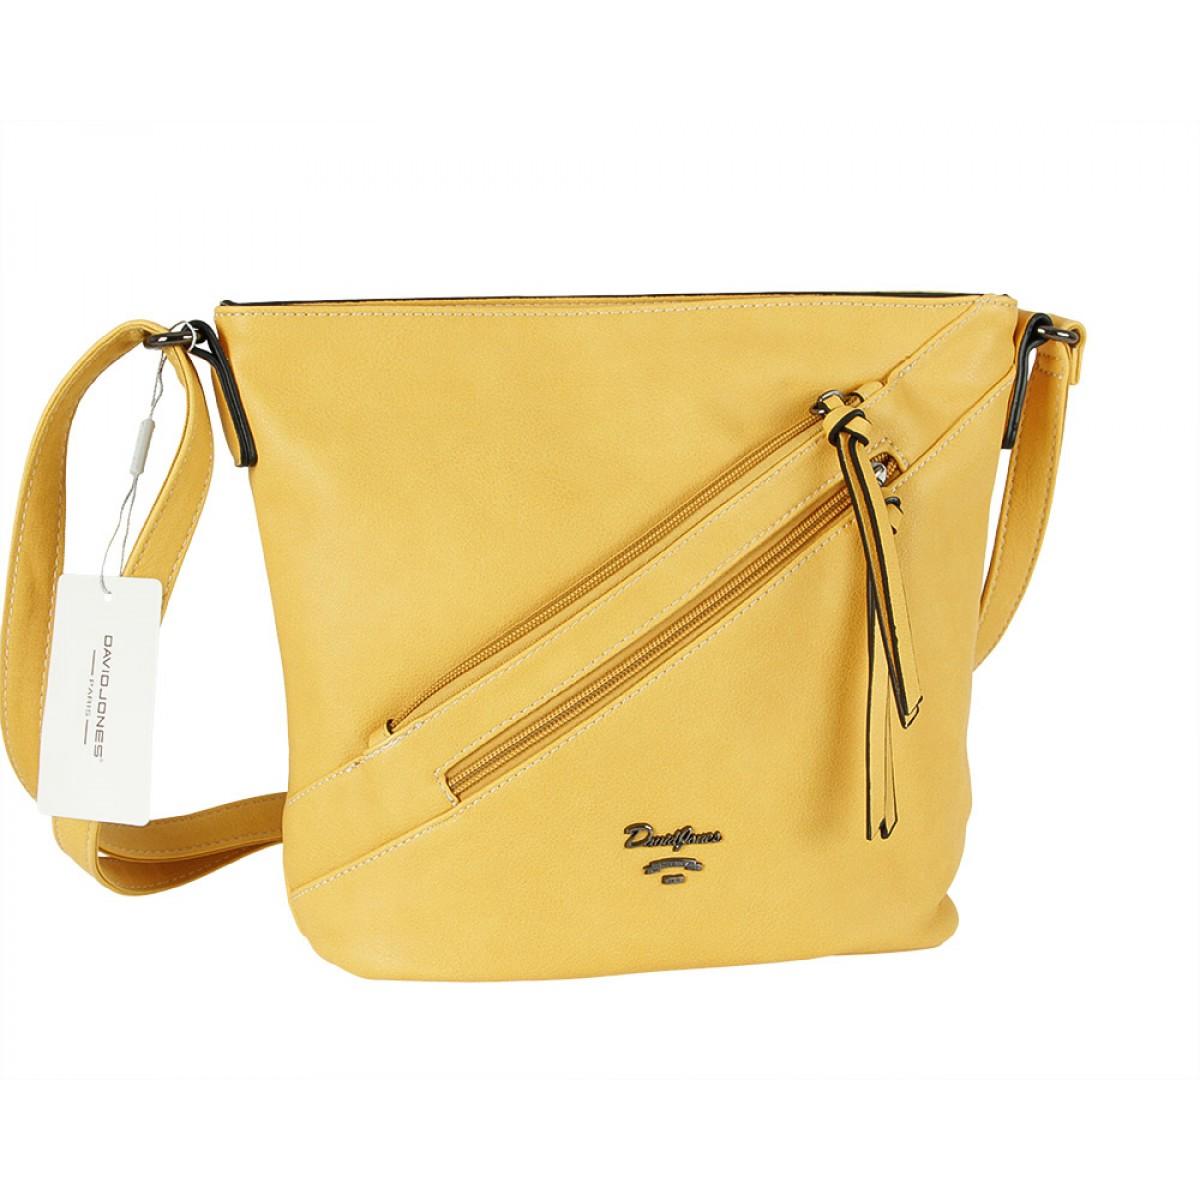 Жіноча сумка David Jones 6202-2A YELLOW